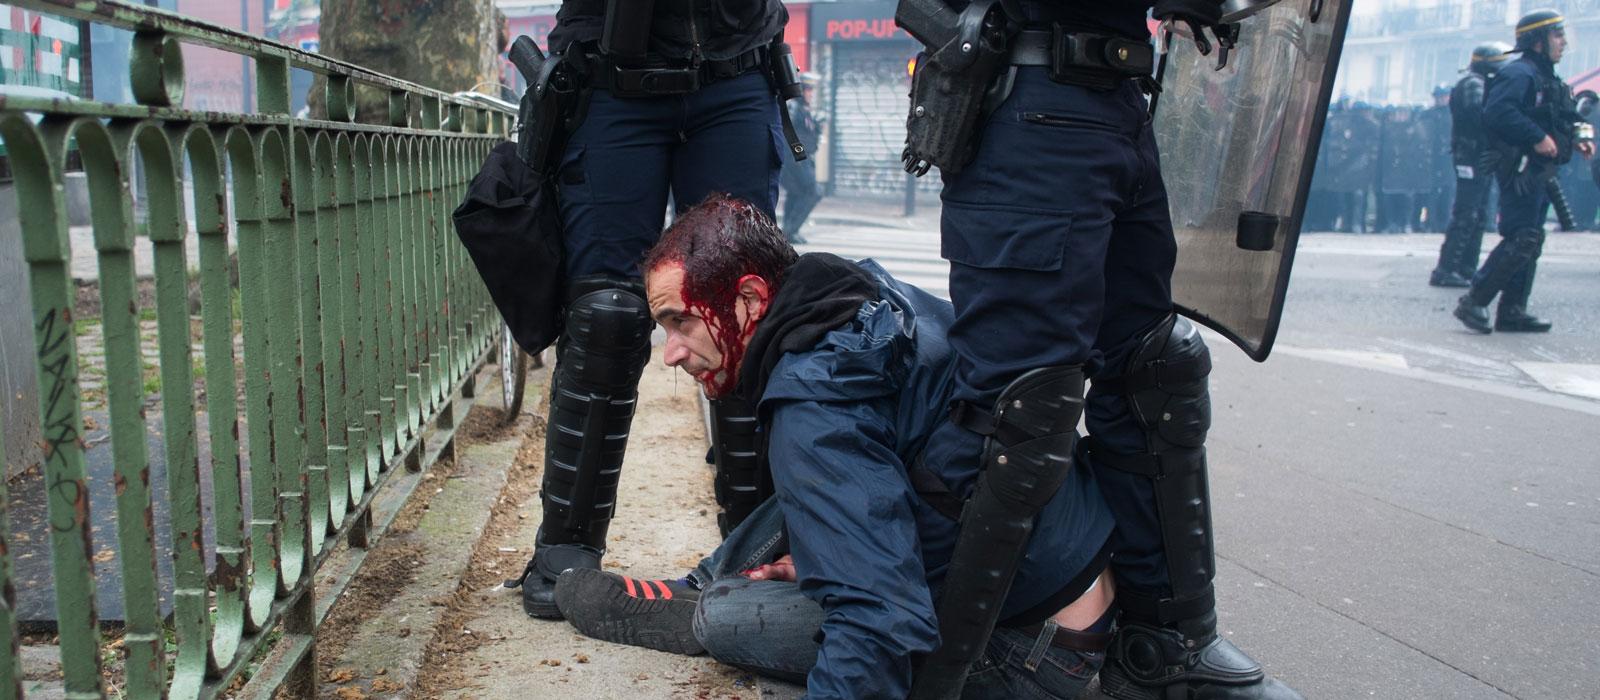 Une pétition rassemble 107.000 signatures pour dénoncer les violences policières